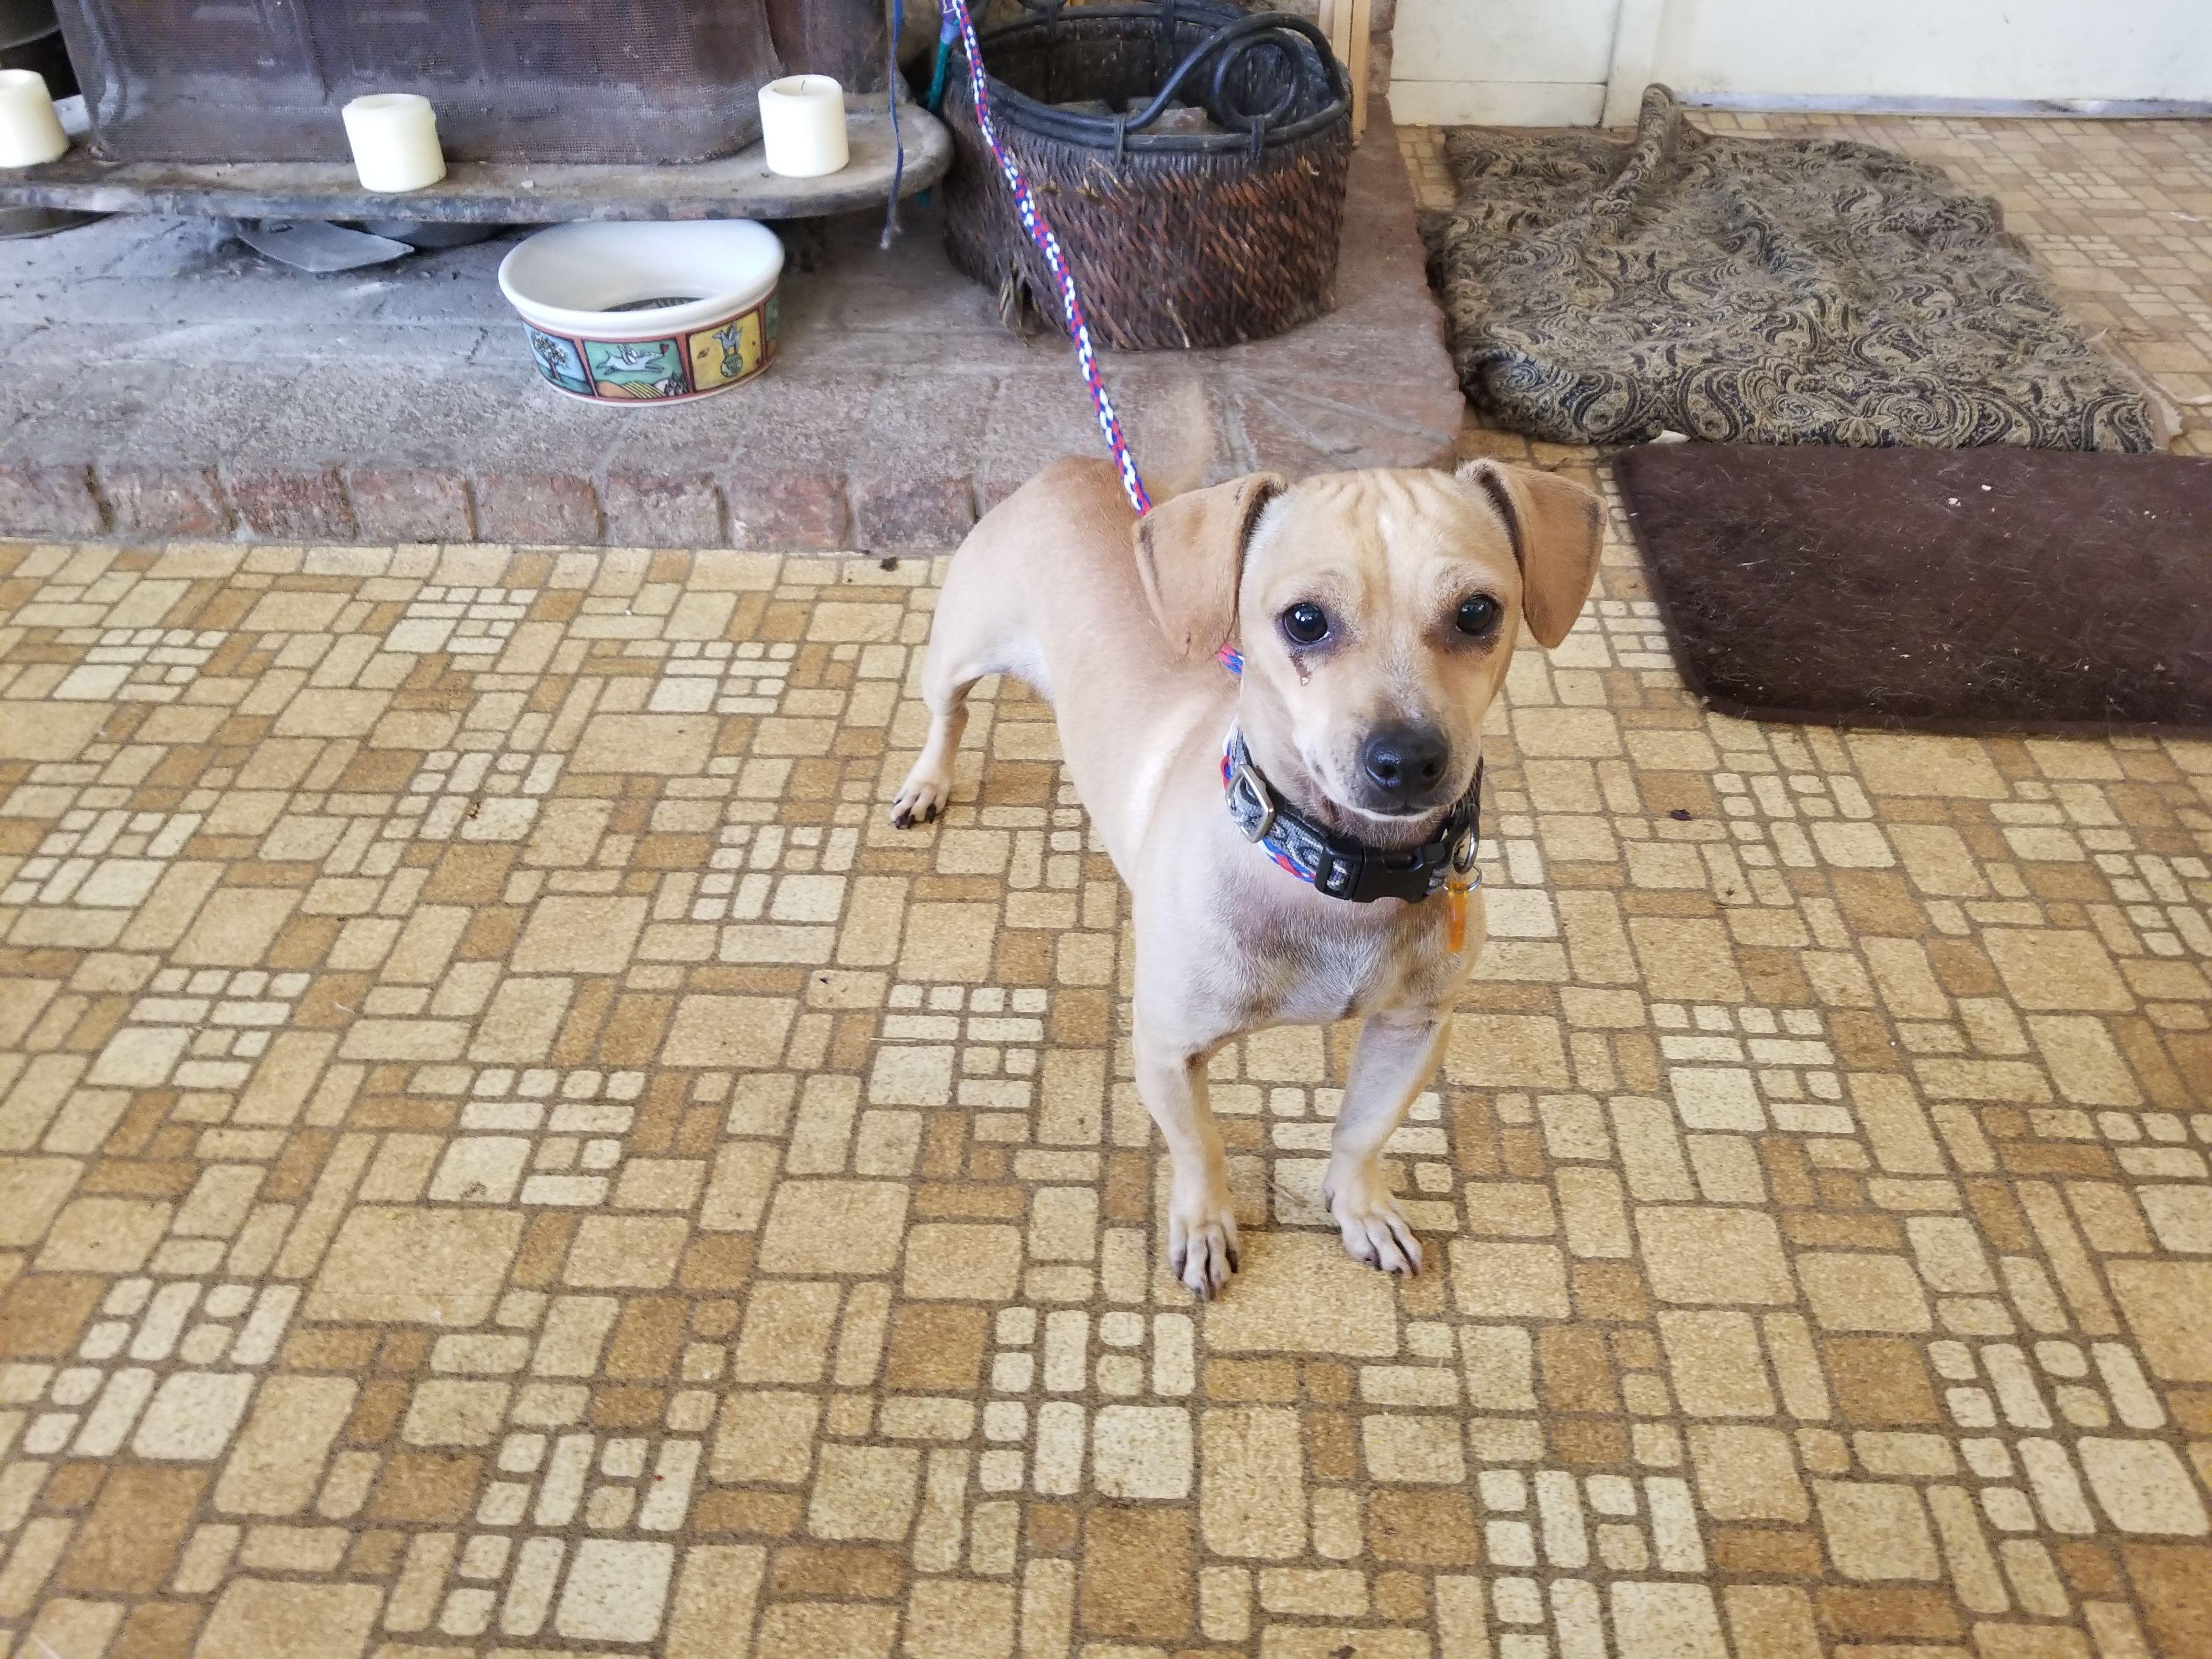 Doxle Dog For Adoption In Vacaville Ca Adn 722855 On Puppyfinder